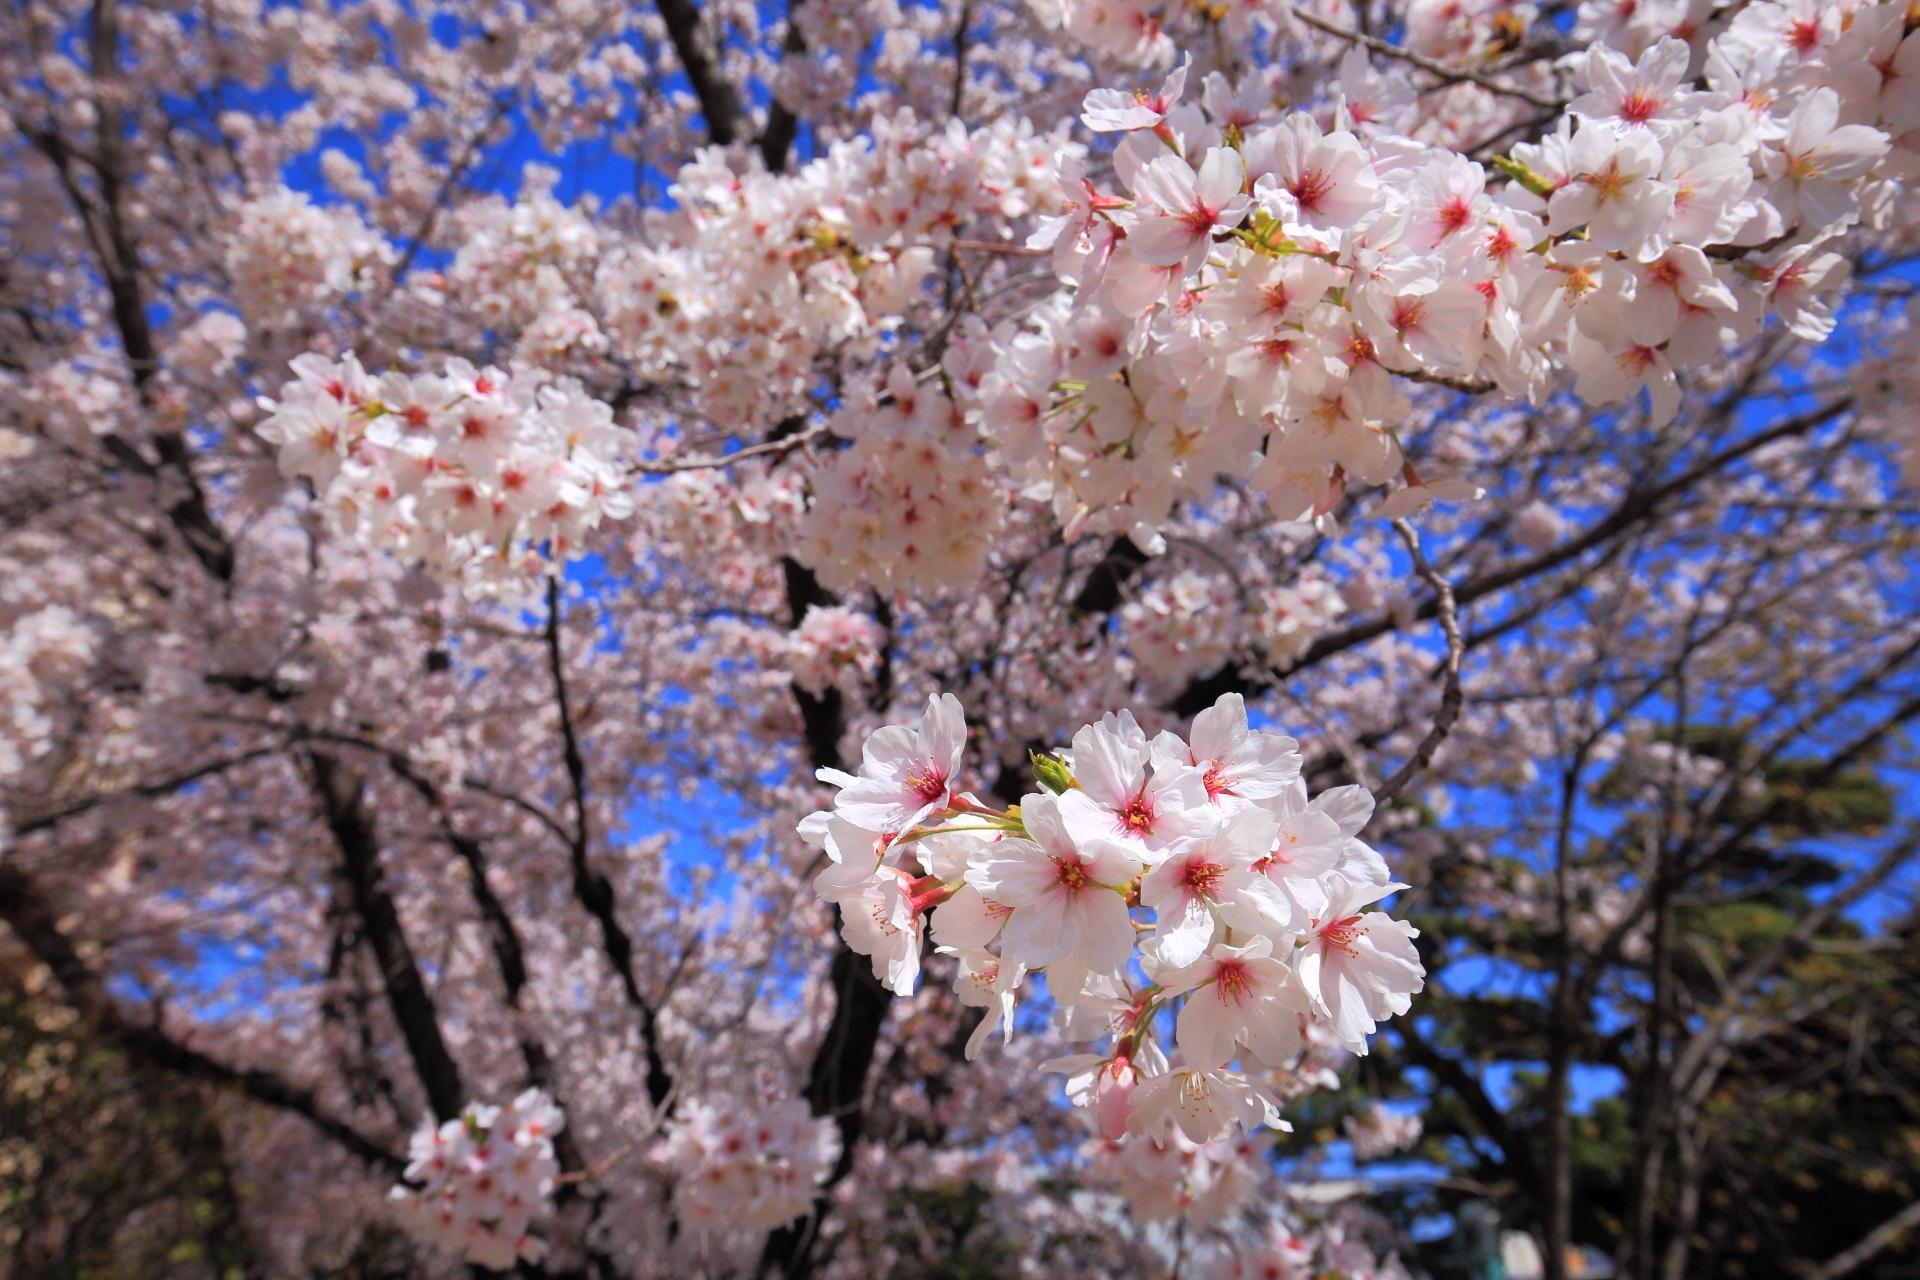 墨染寺の花をいっぱいにつけて咲く墨染桜